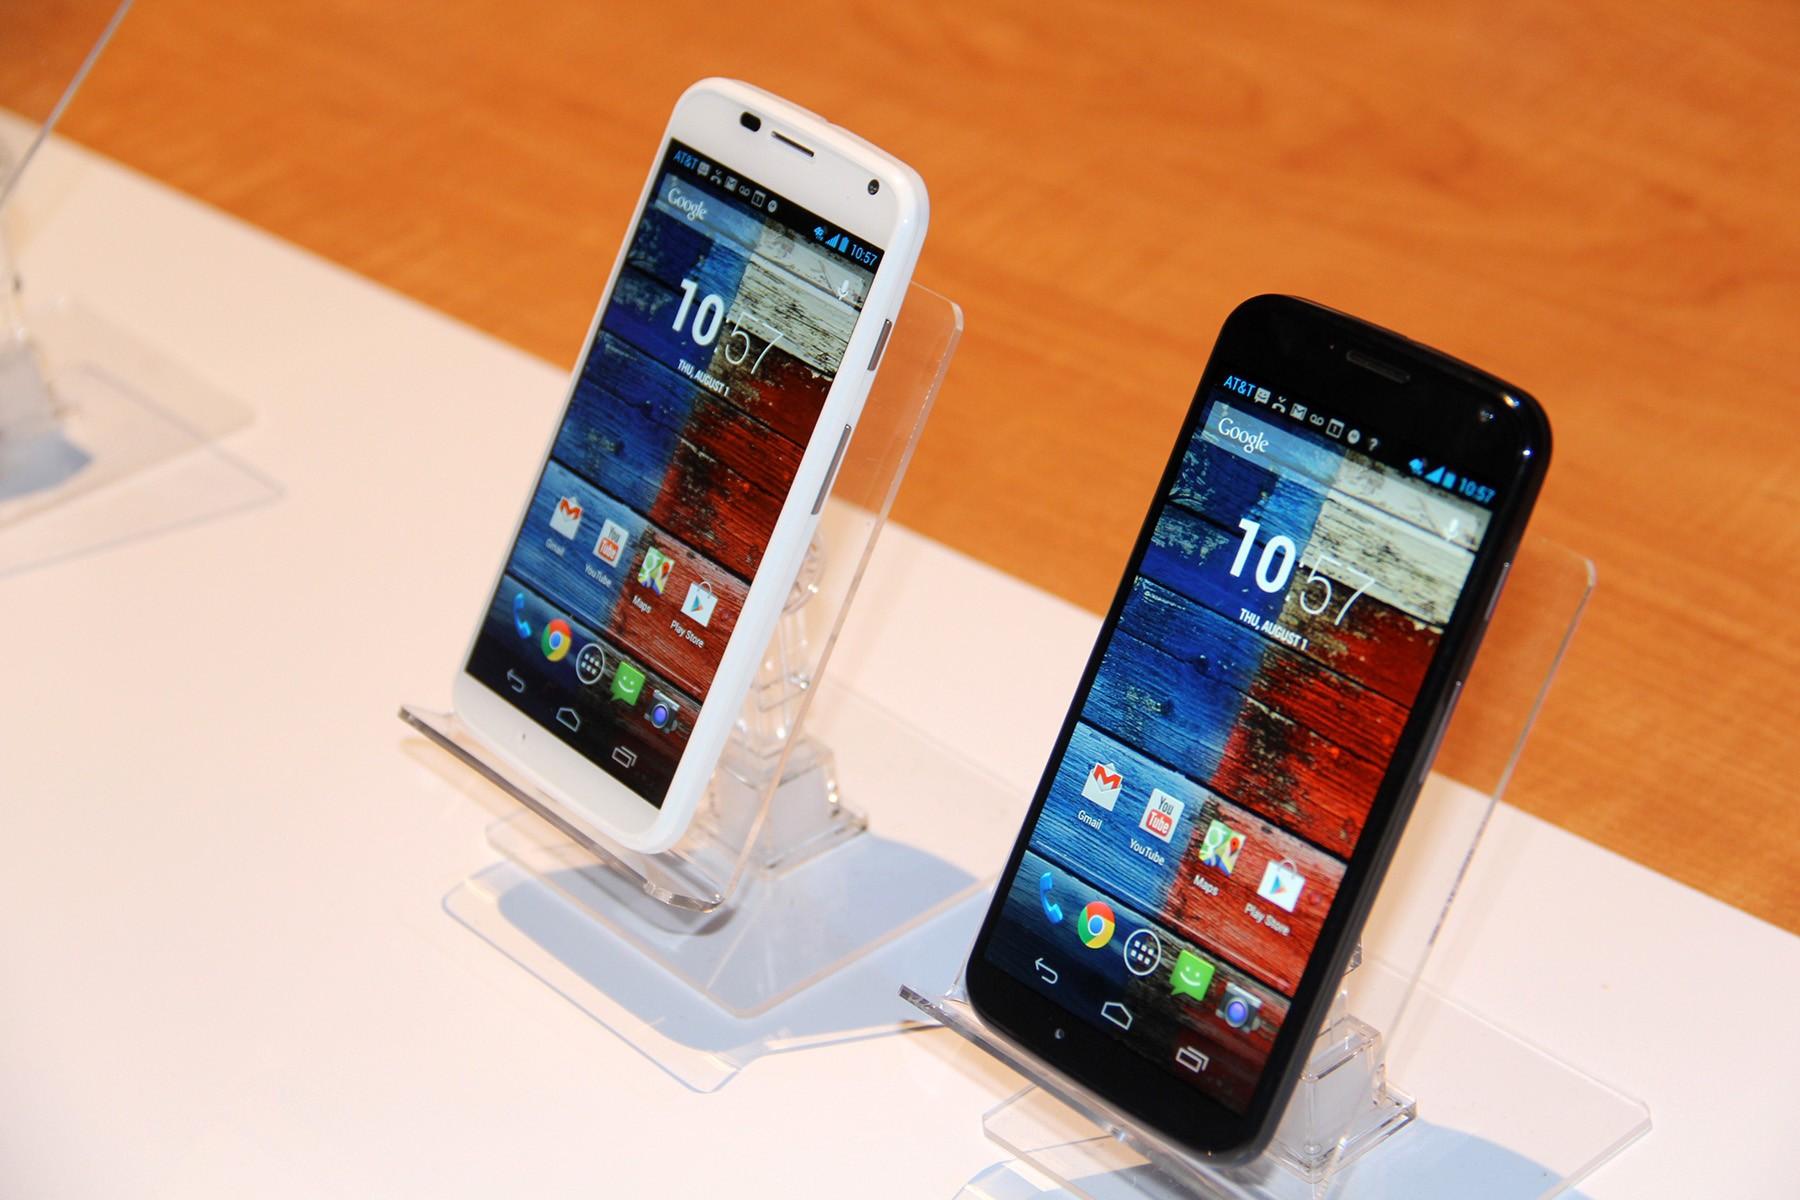 image0014 - Phó chủ tịch Motorola: Moto X sẽ có Android L